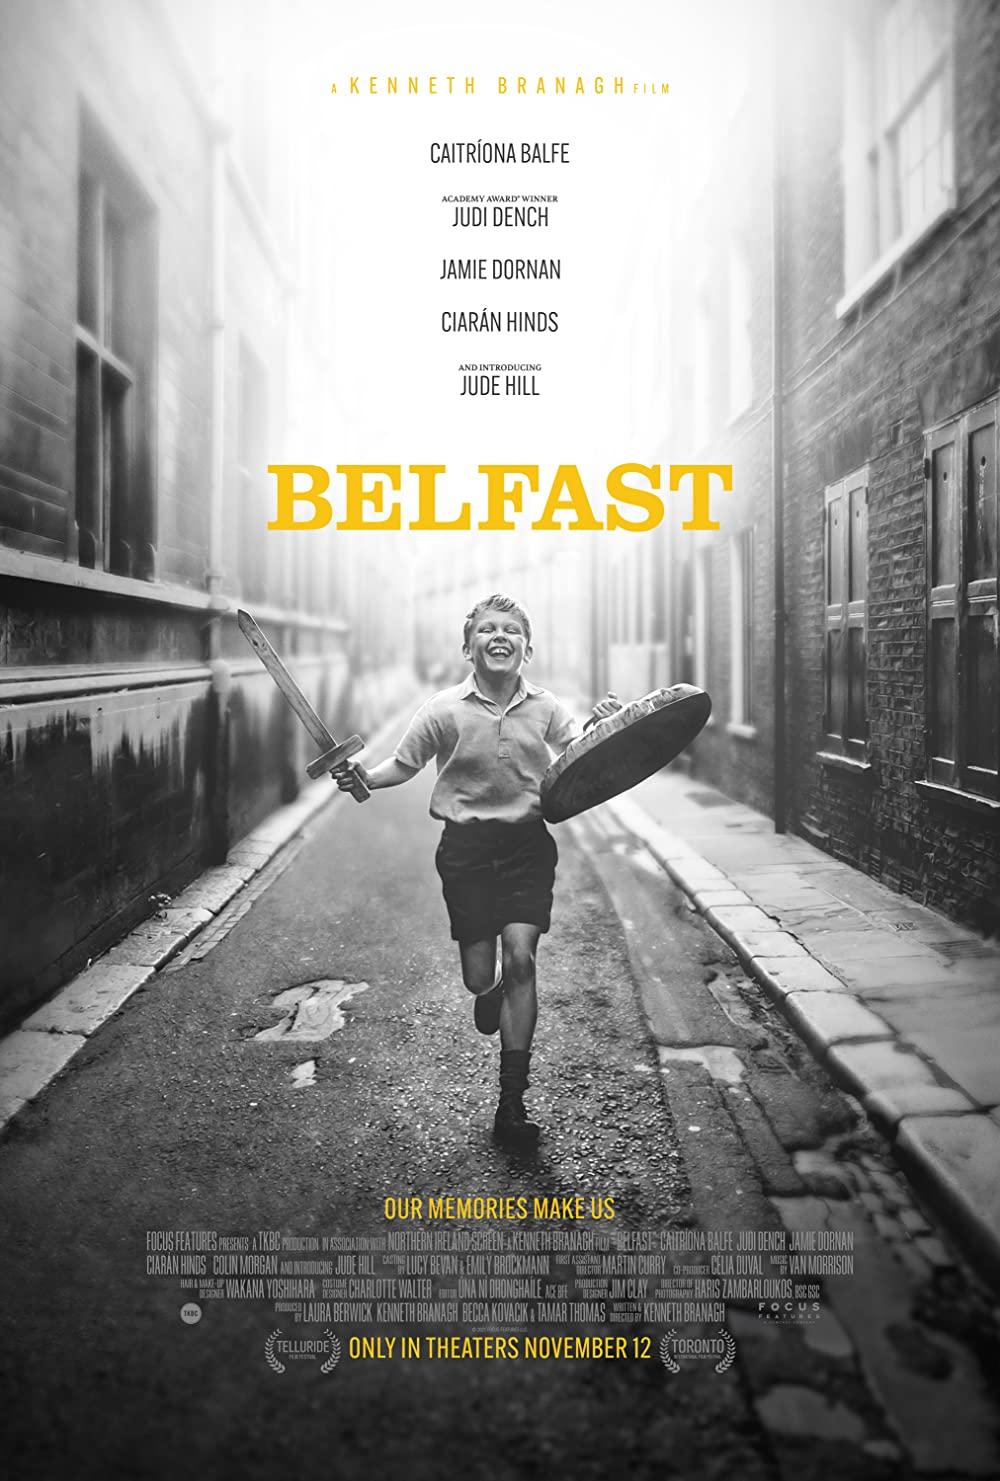 Poster for Belfast